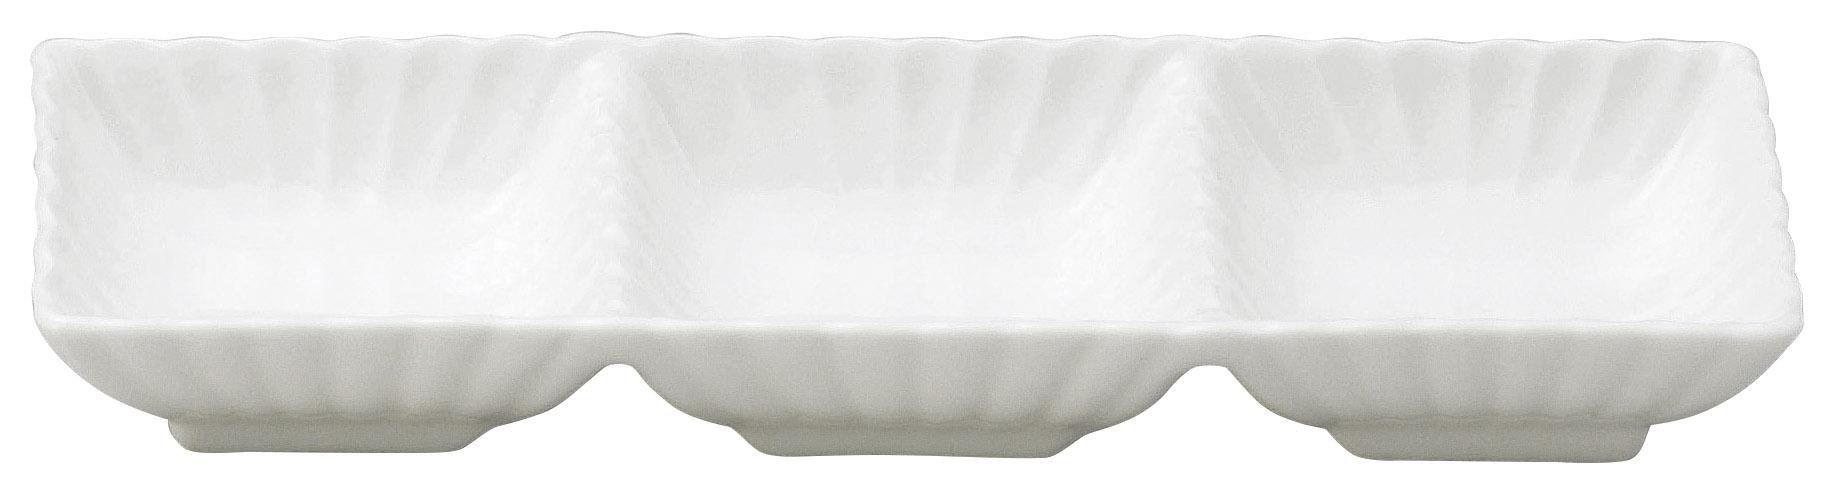 かすみ 白 3連皿